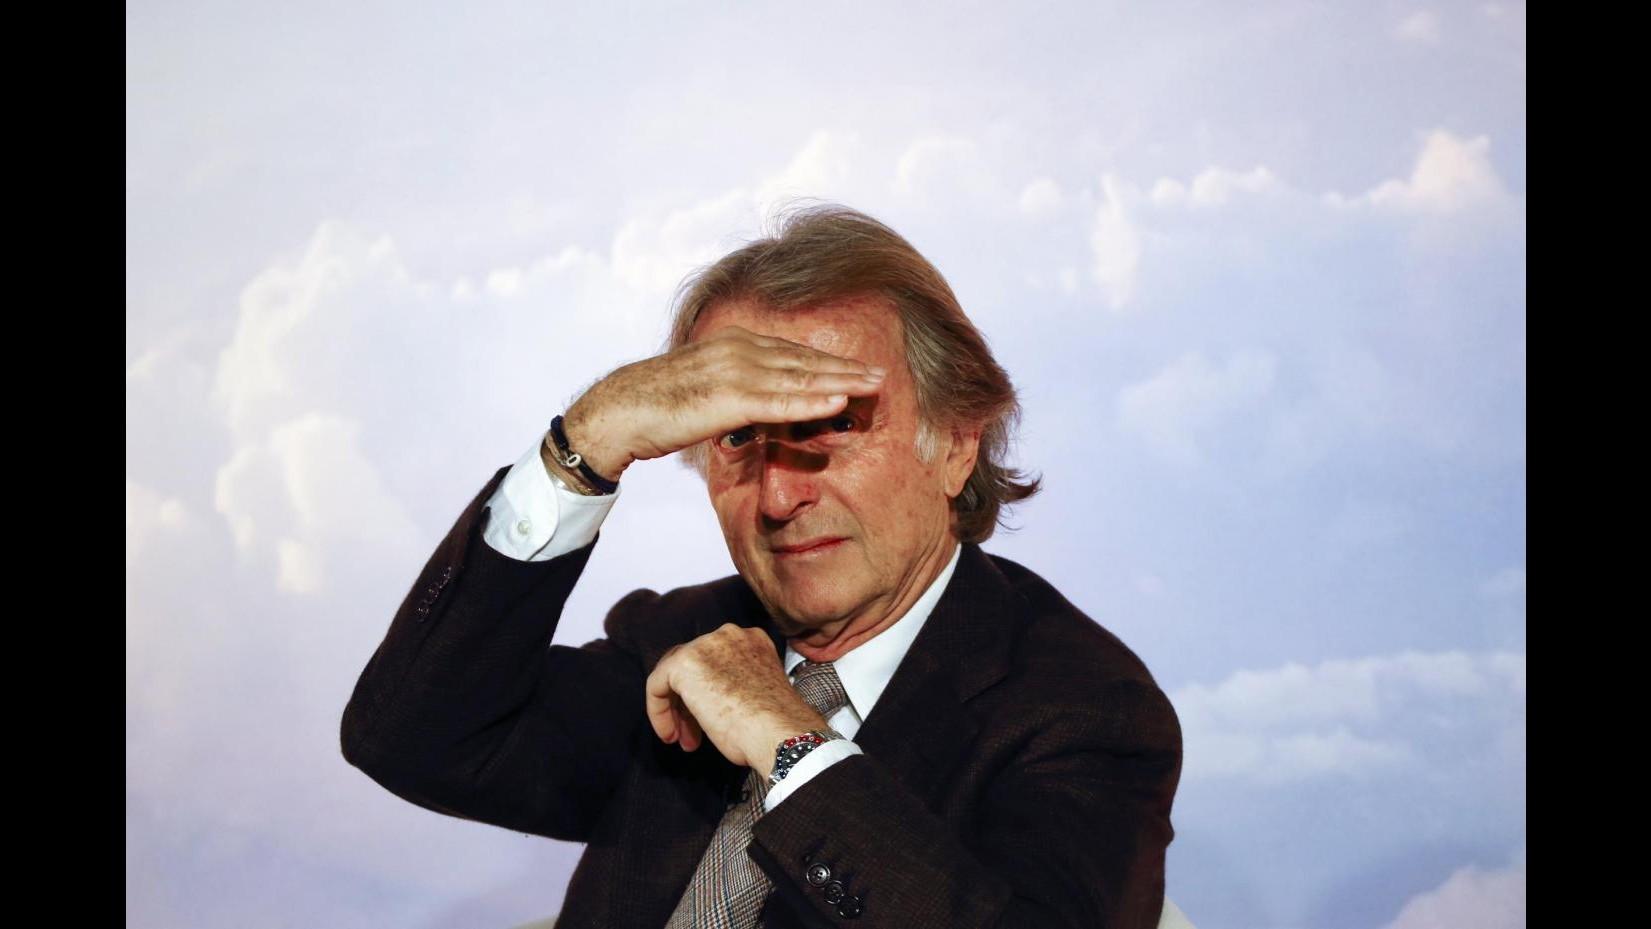 Montezemolo: Consigliere per made in Italy? Lo farei volentieri